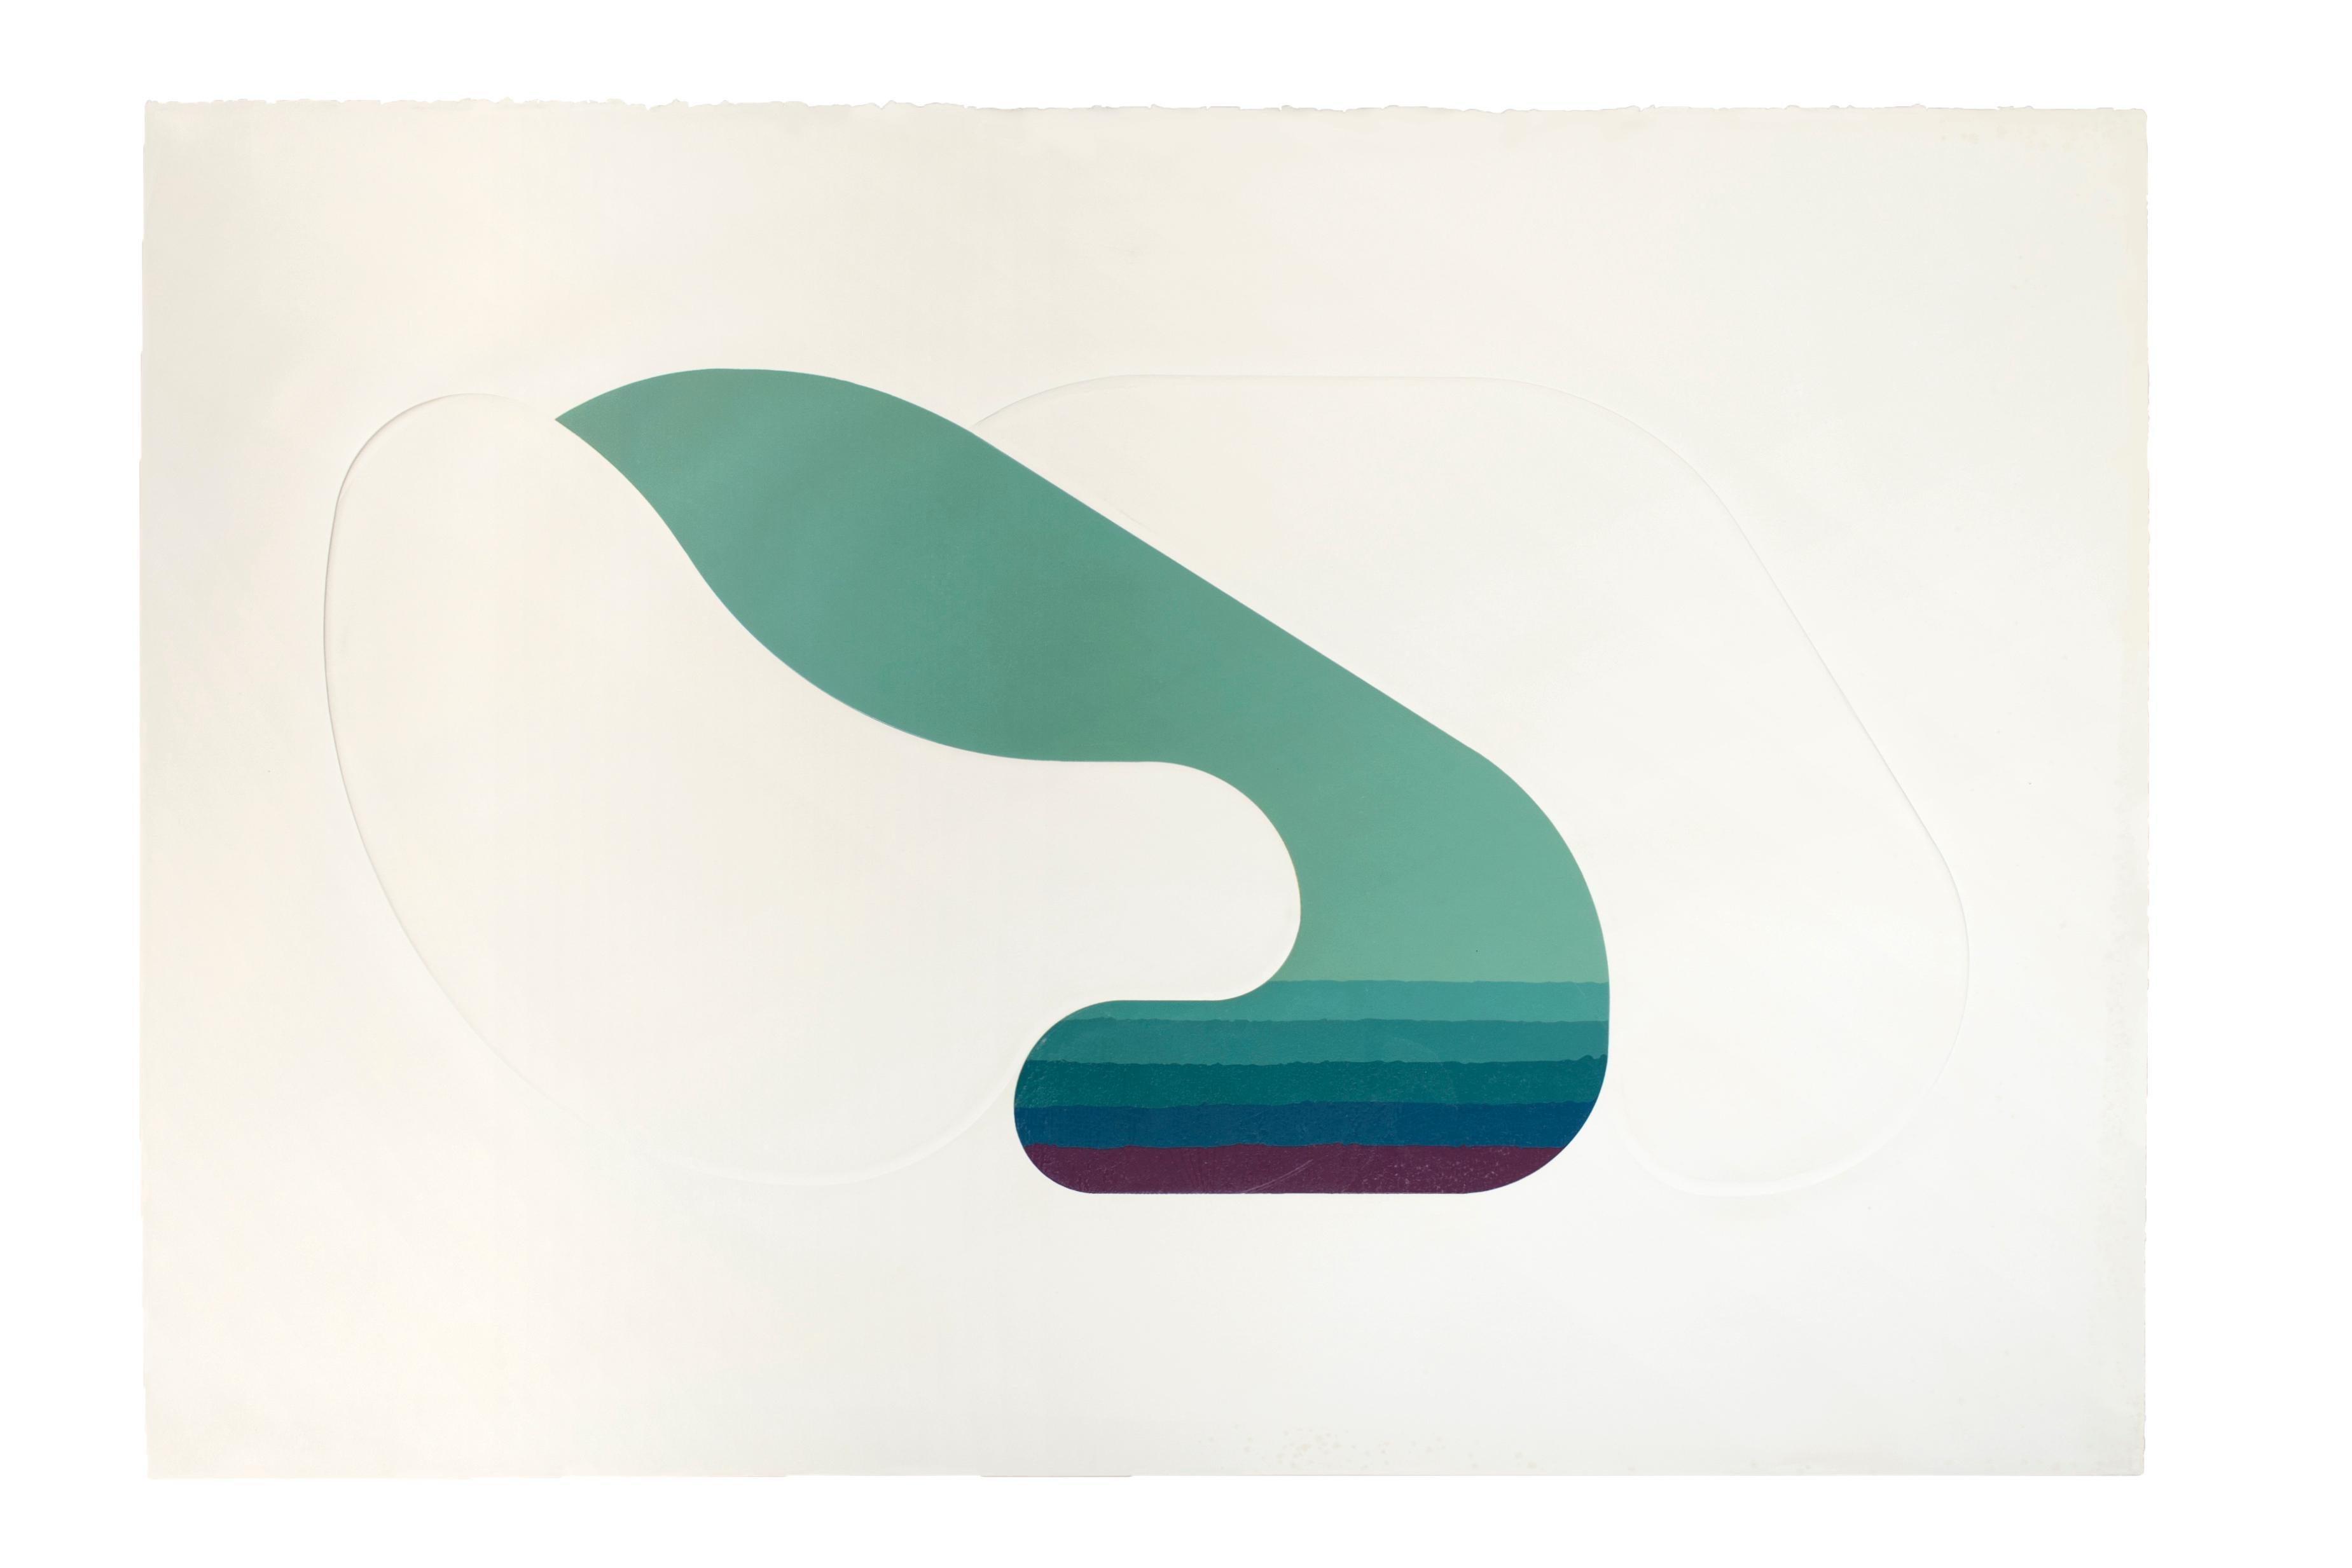 Fountain - Original Chalcography an Screen Print by Shu Takahashi - 1973